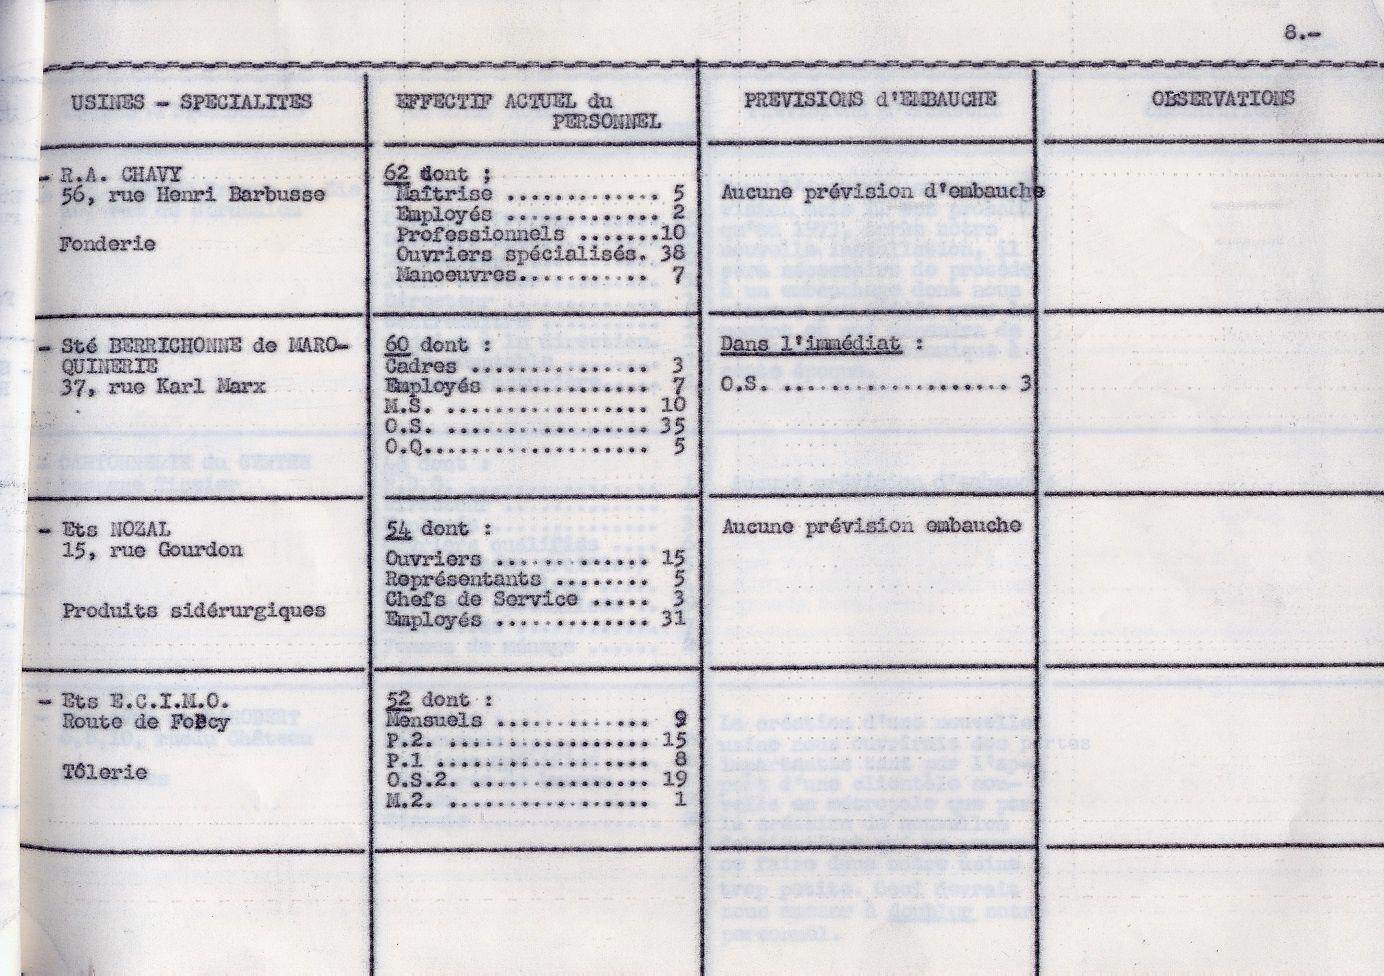 En 1971, les usines vierzonnaises embauchaient plus de 6.000 personnes